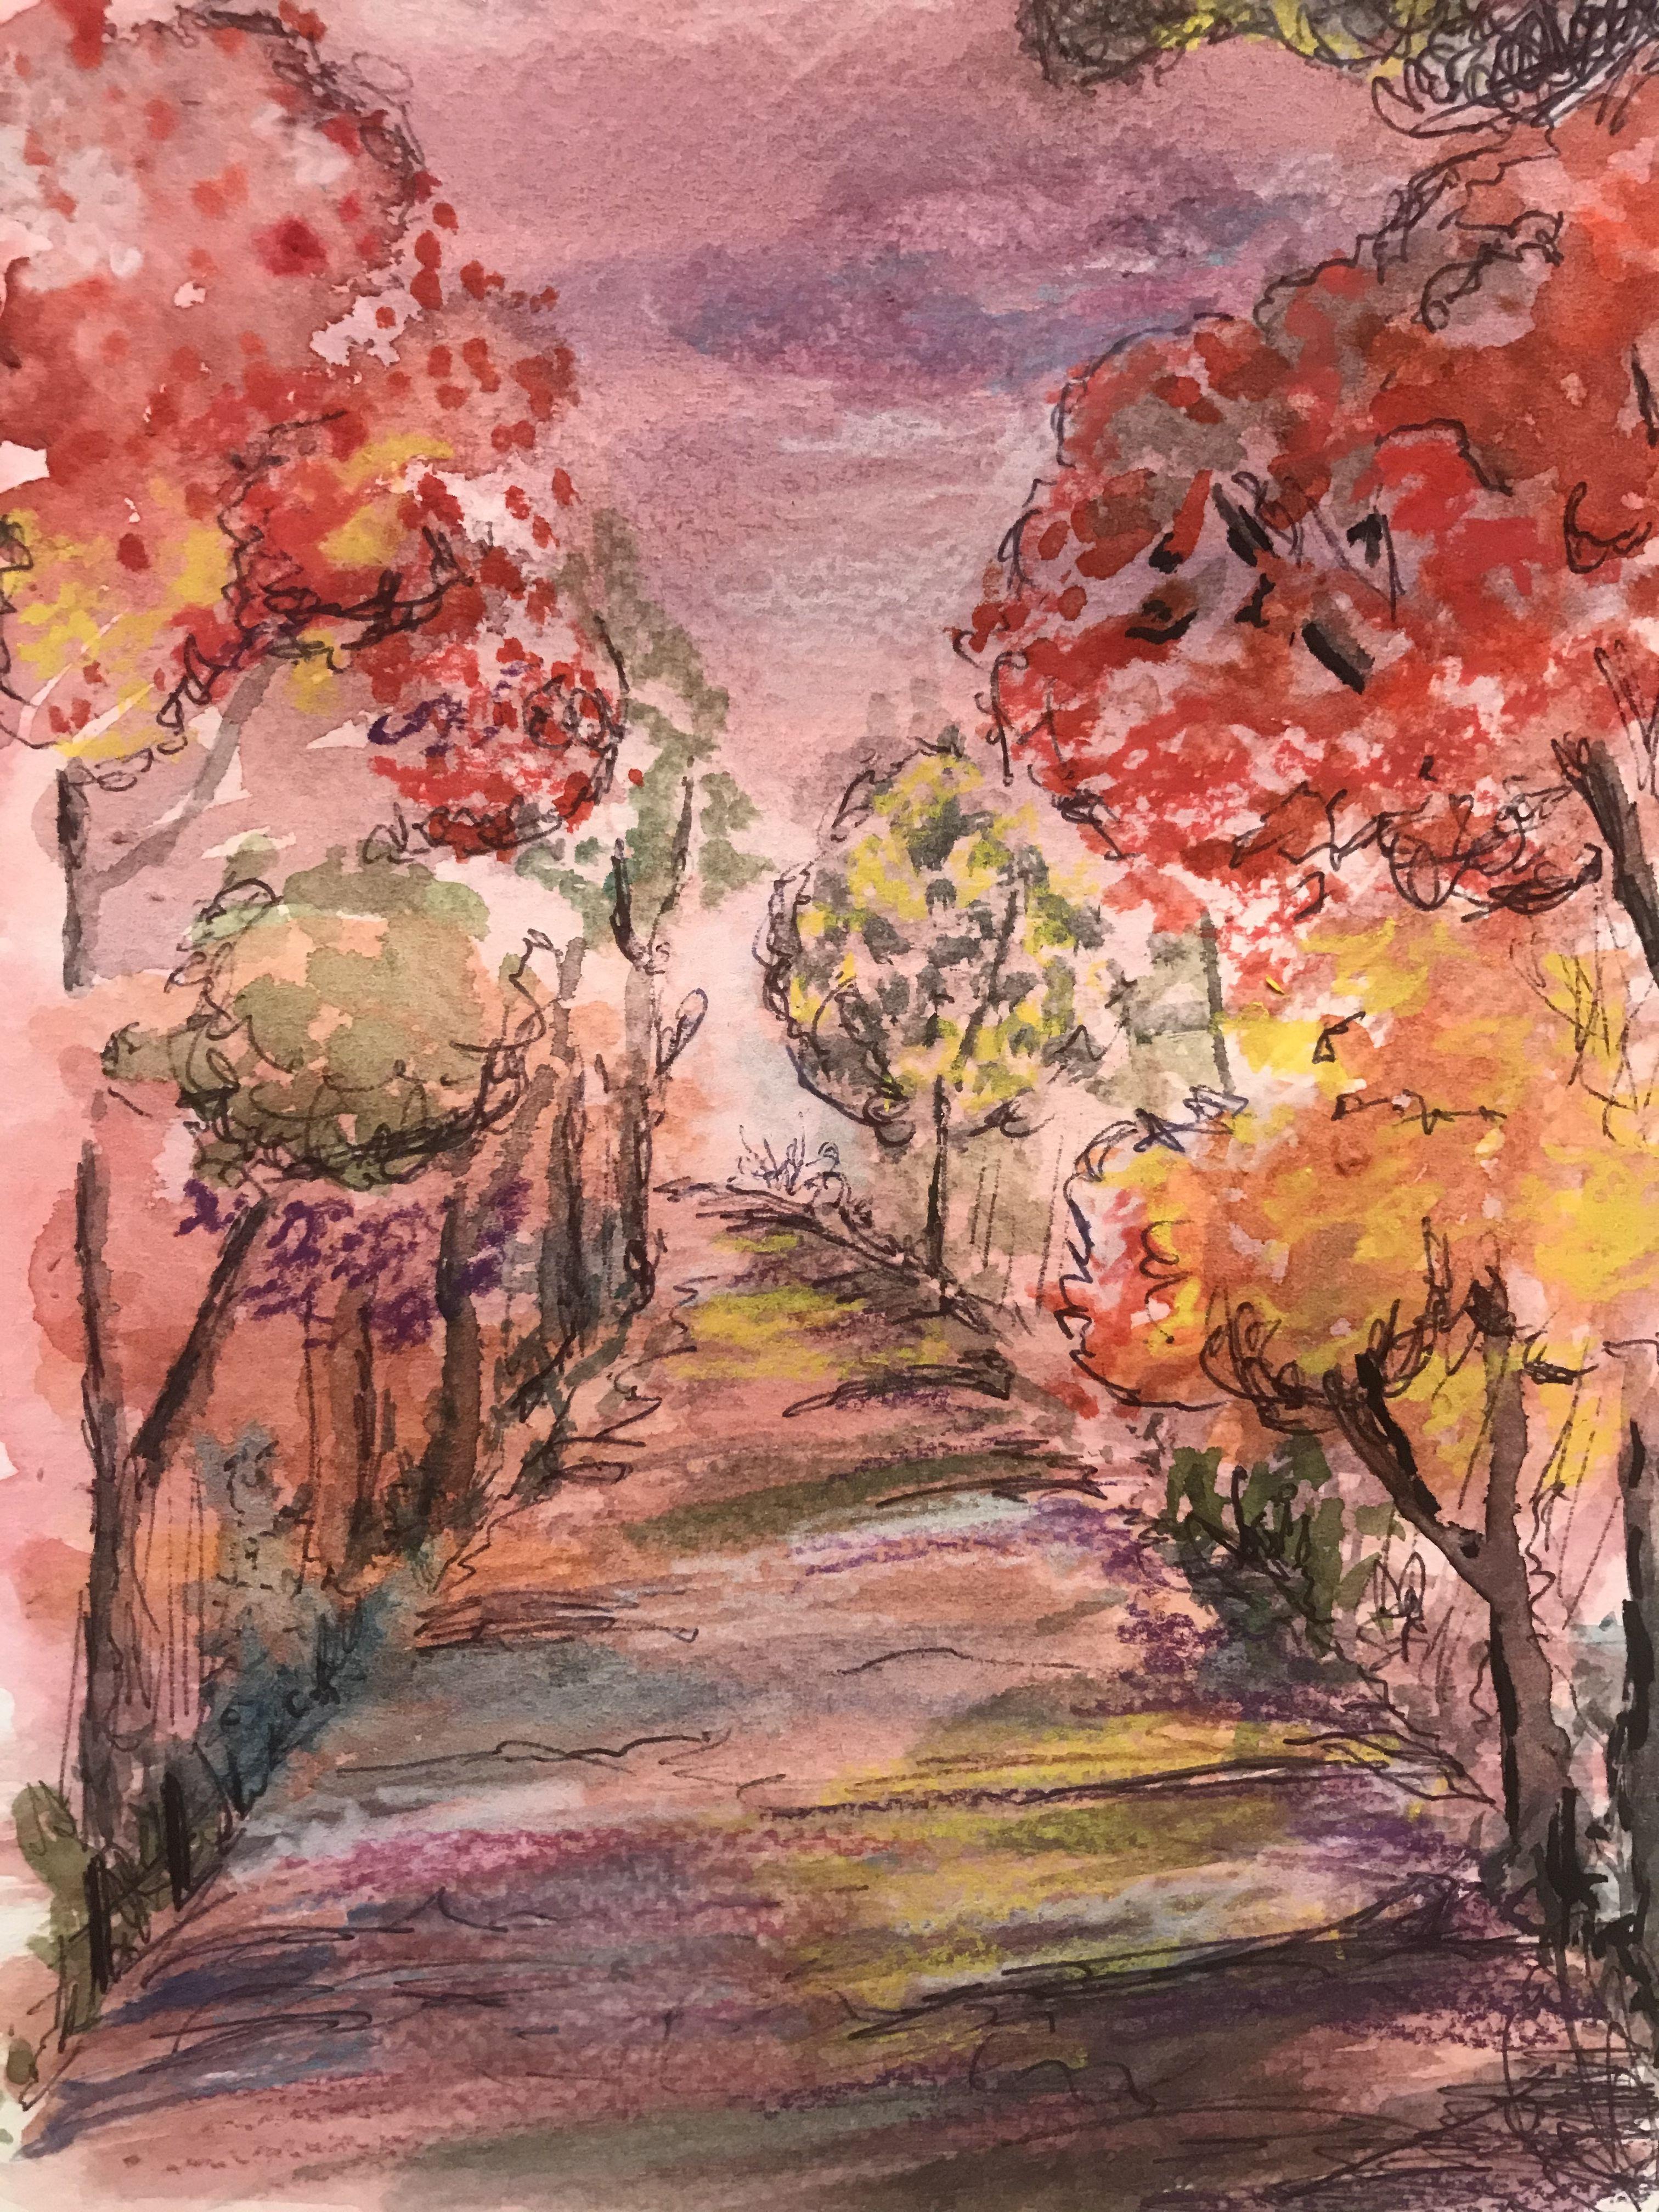 Herbst Farbenfrohe Aquarell Natur Zeichnen Aquarell